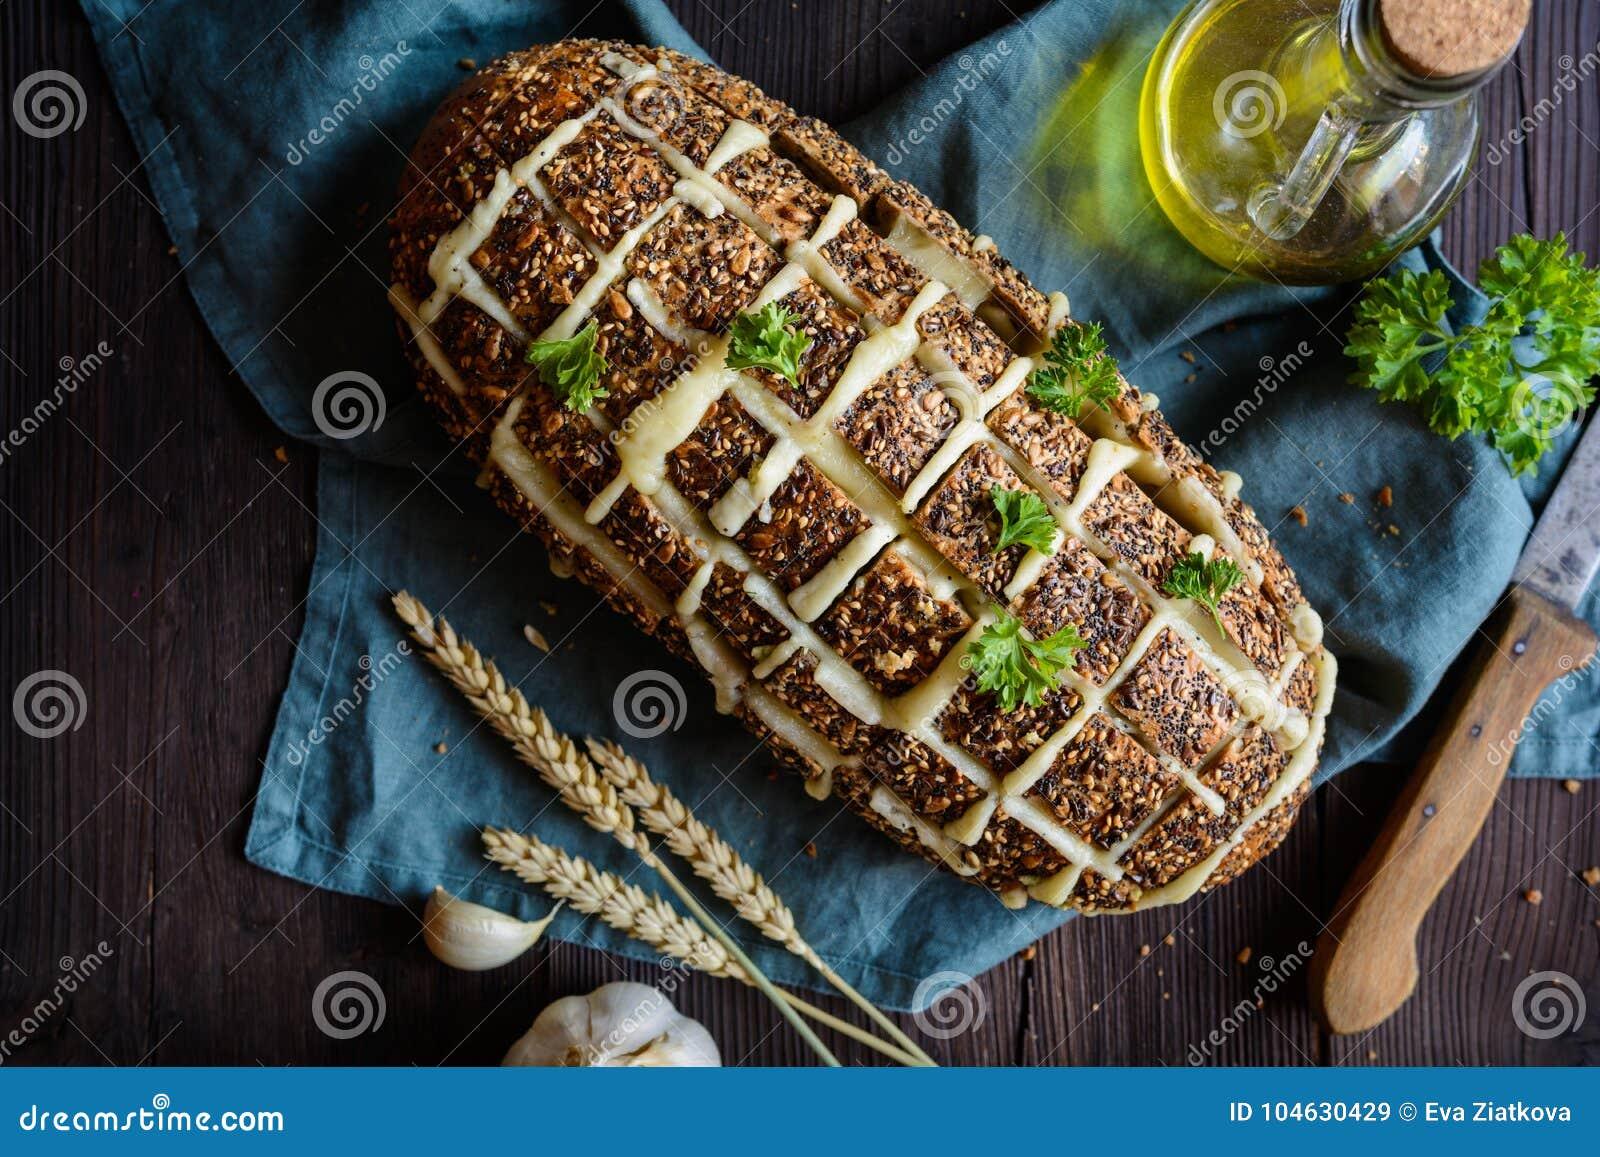 Download De Verse Trekkracht Paneert Apart Met Kaas En Knoflook Stock Afbeelding - Afbeelding bestaande uit eating, olie: 104630429